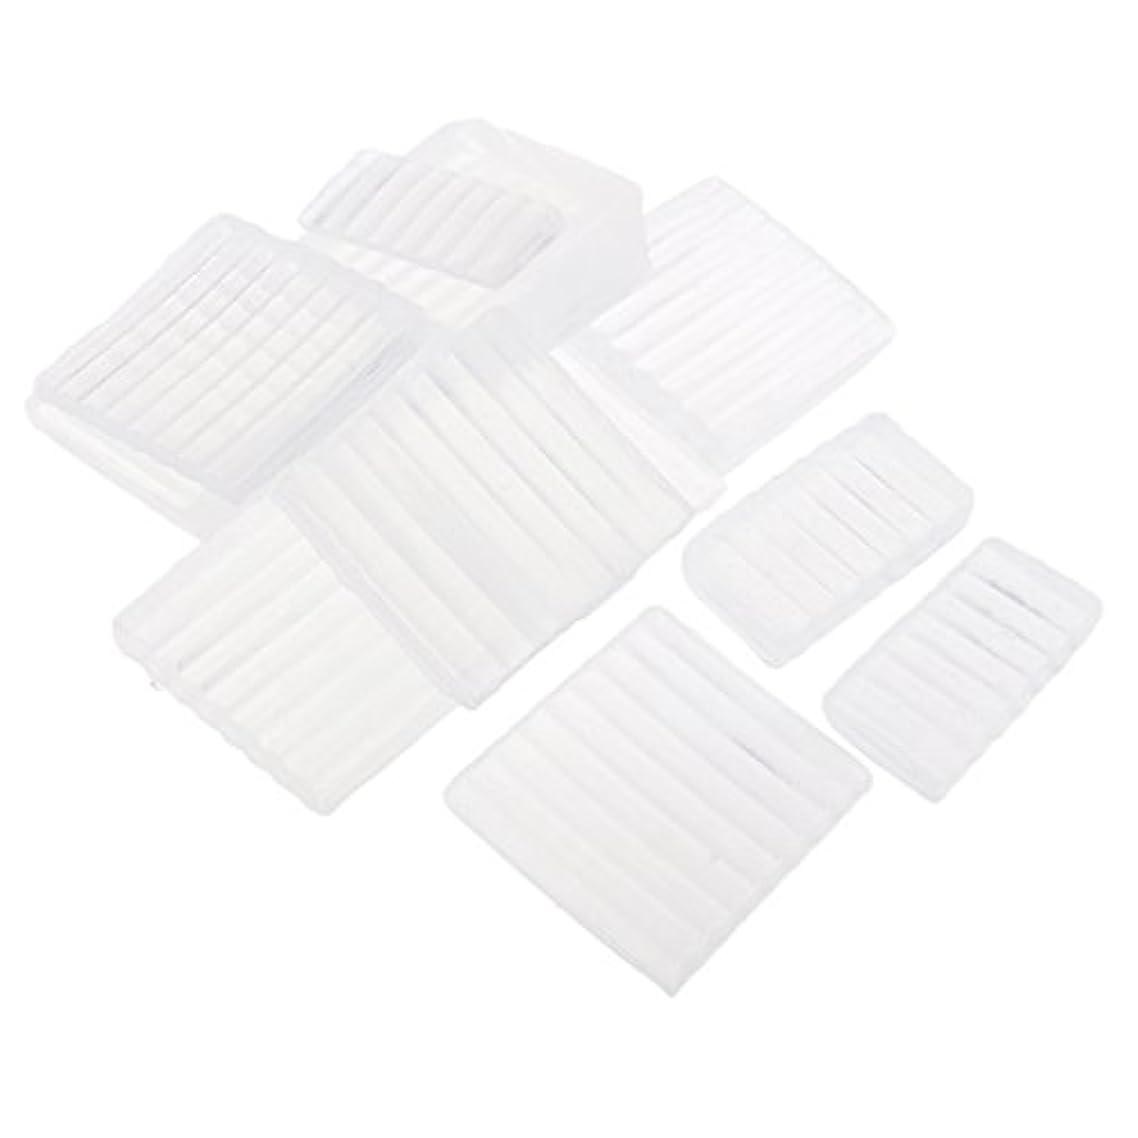 恥ずかしさ知恵スピリチュアルFenteer ホワイト 透明 石鹸ベース DIY 手作り 石鹸 材料 約500g